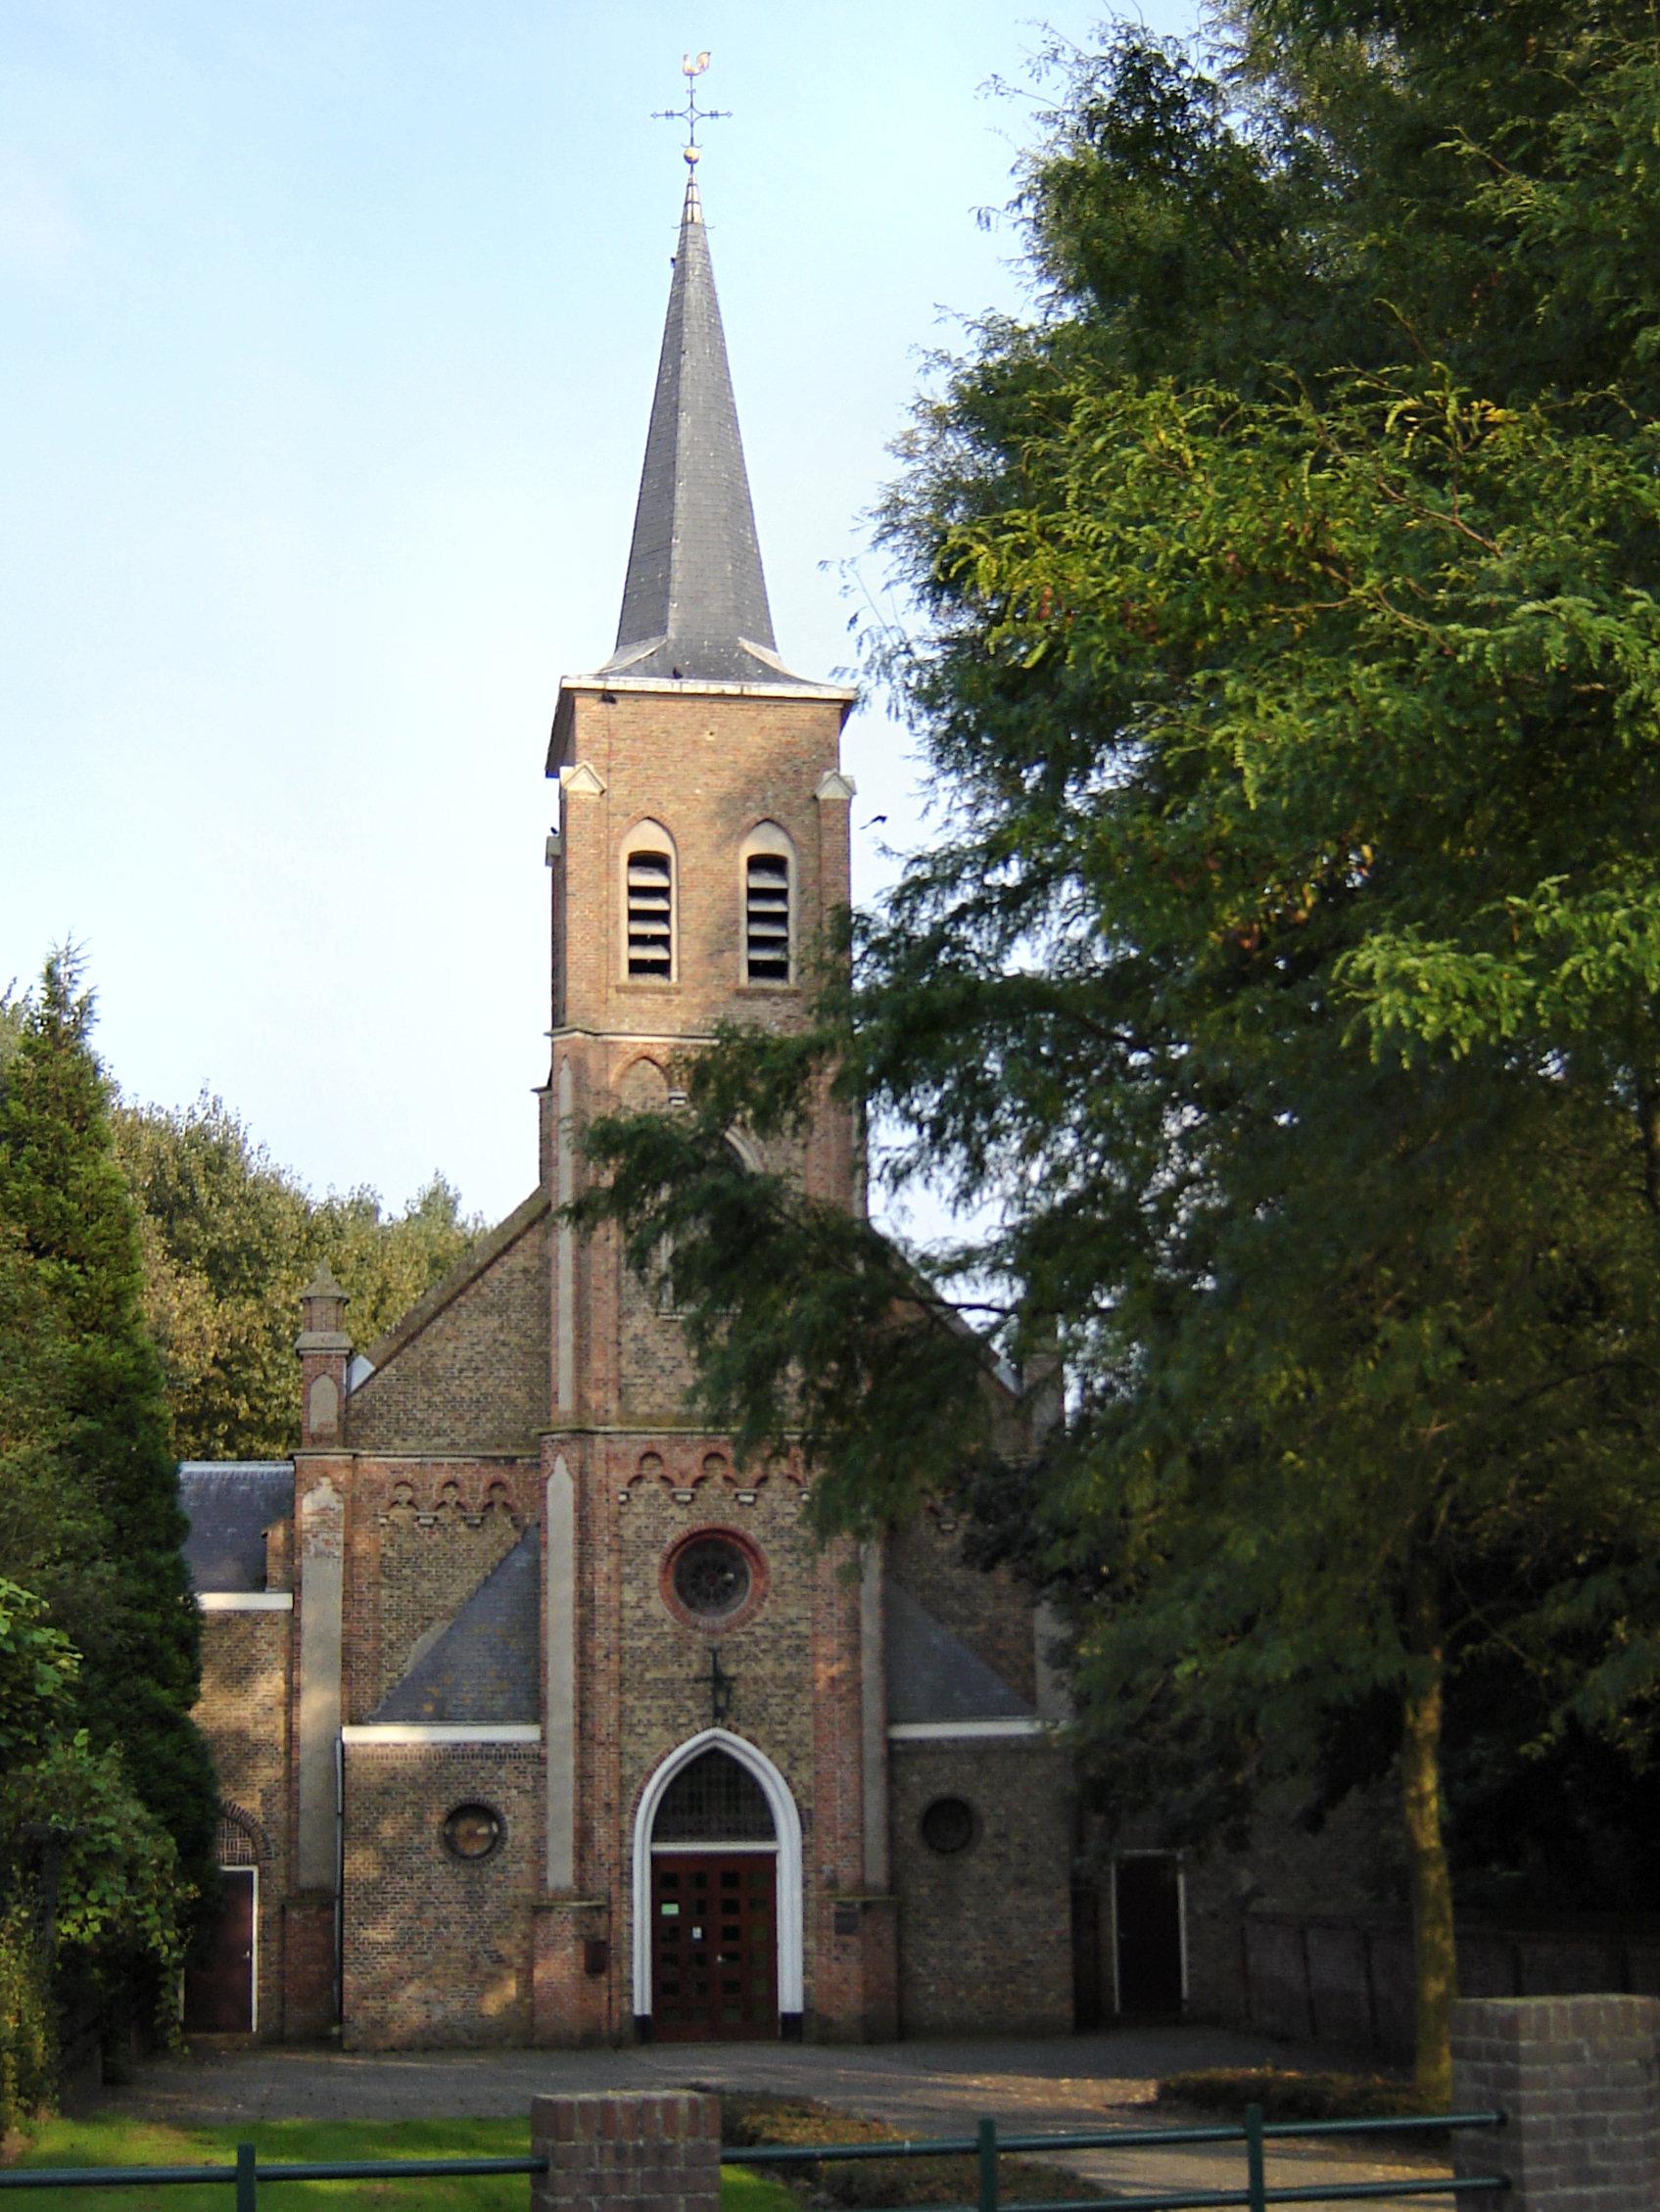 Depiction of Biervliet